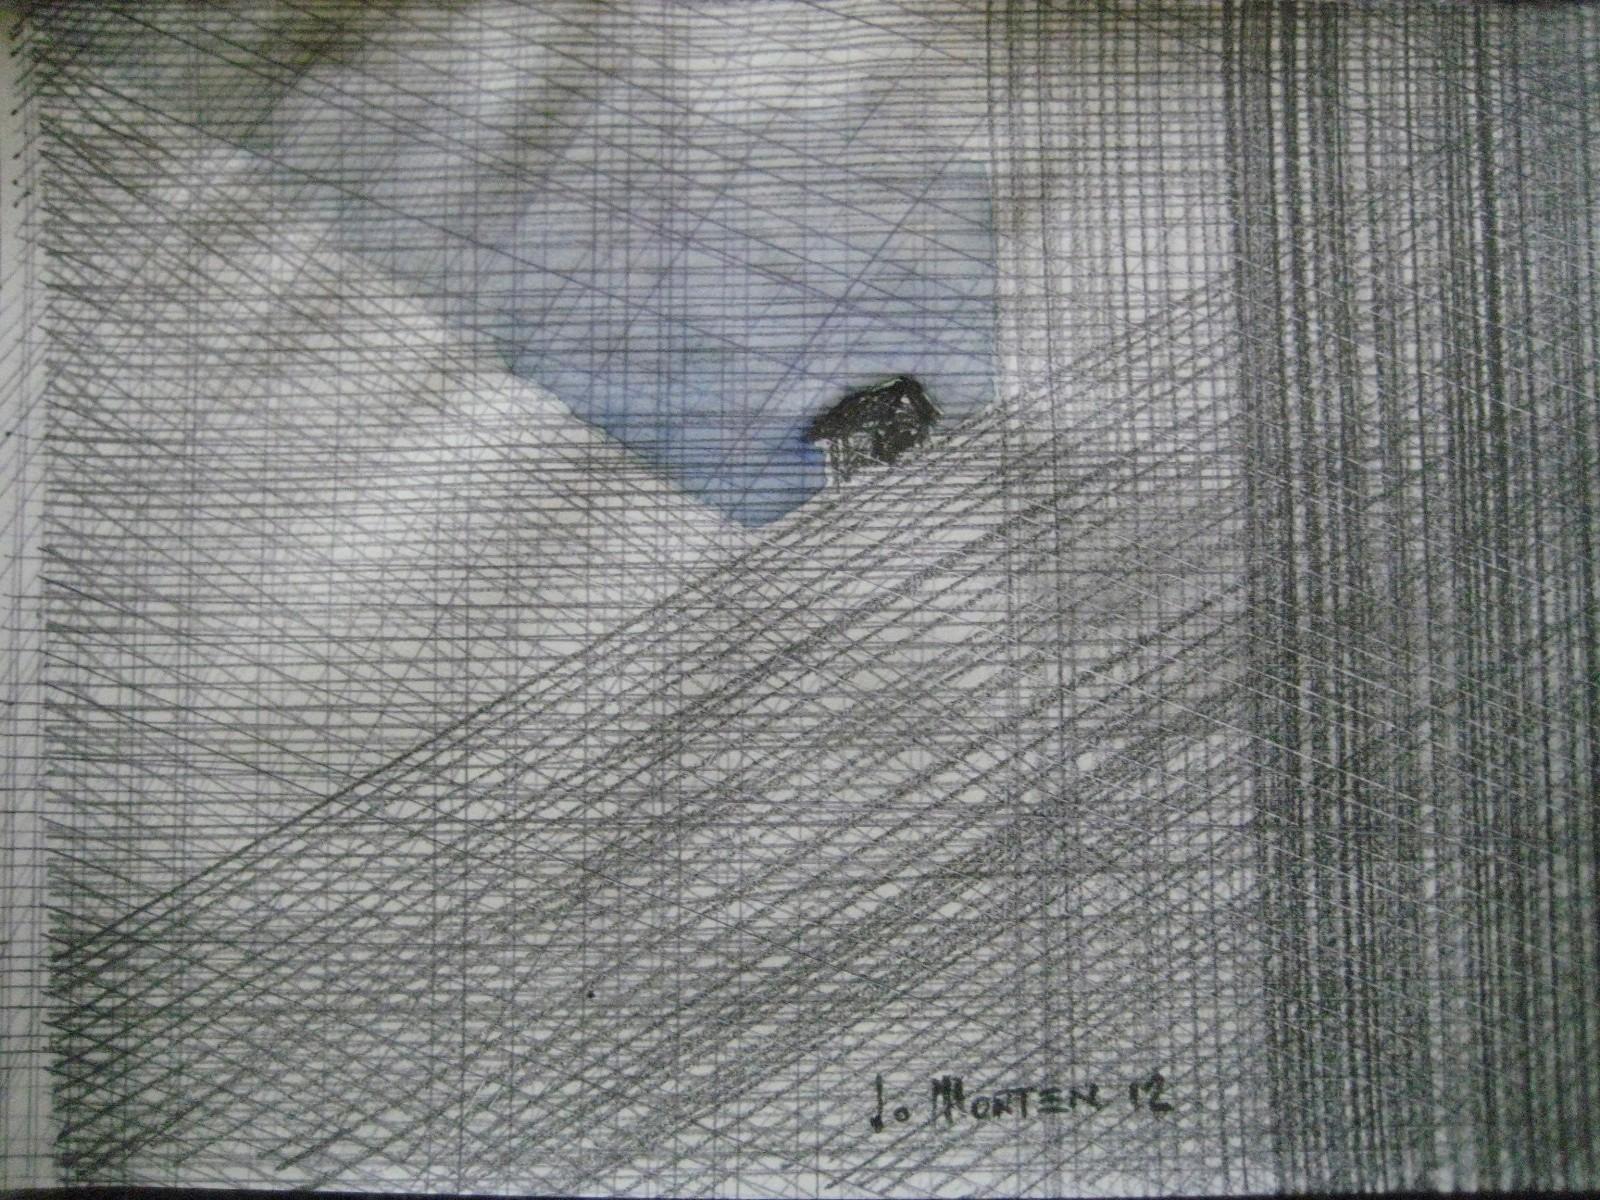 HAUS IM BERG, 2011, Johannes Morten, 10,5 x 14,8 cm, Aquarell und Graphit auf Papier